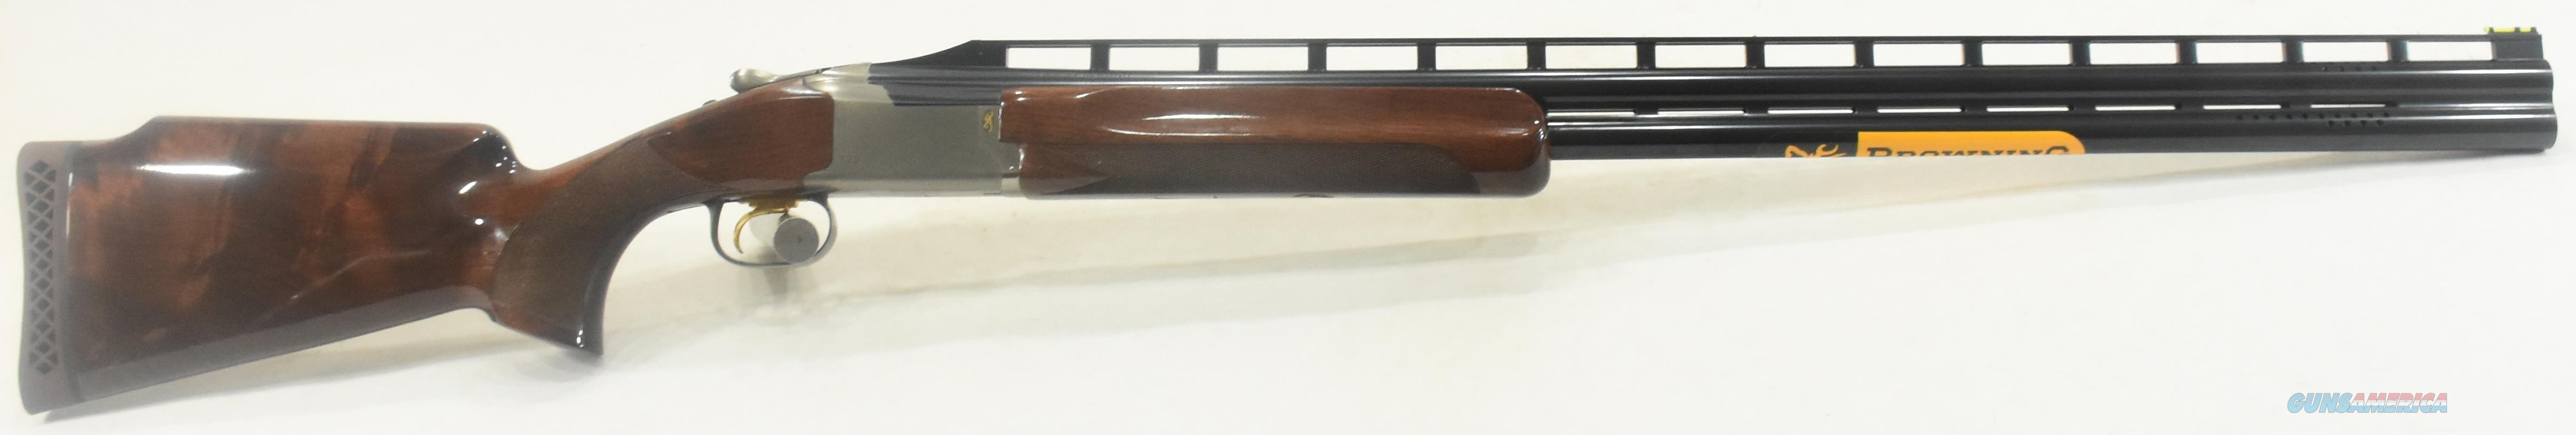 Citori 725 Trap Walnut 12Ga 32-2.75In 0135793009  Guns > Shotguns > Browning Shotguns > Over Unders > Citori > Trap/Skeet